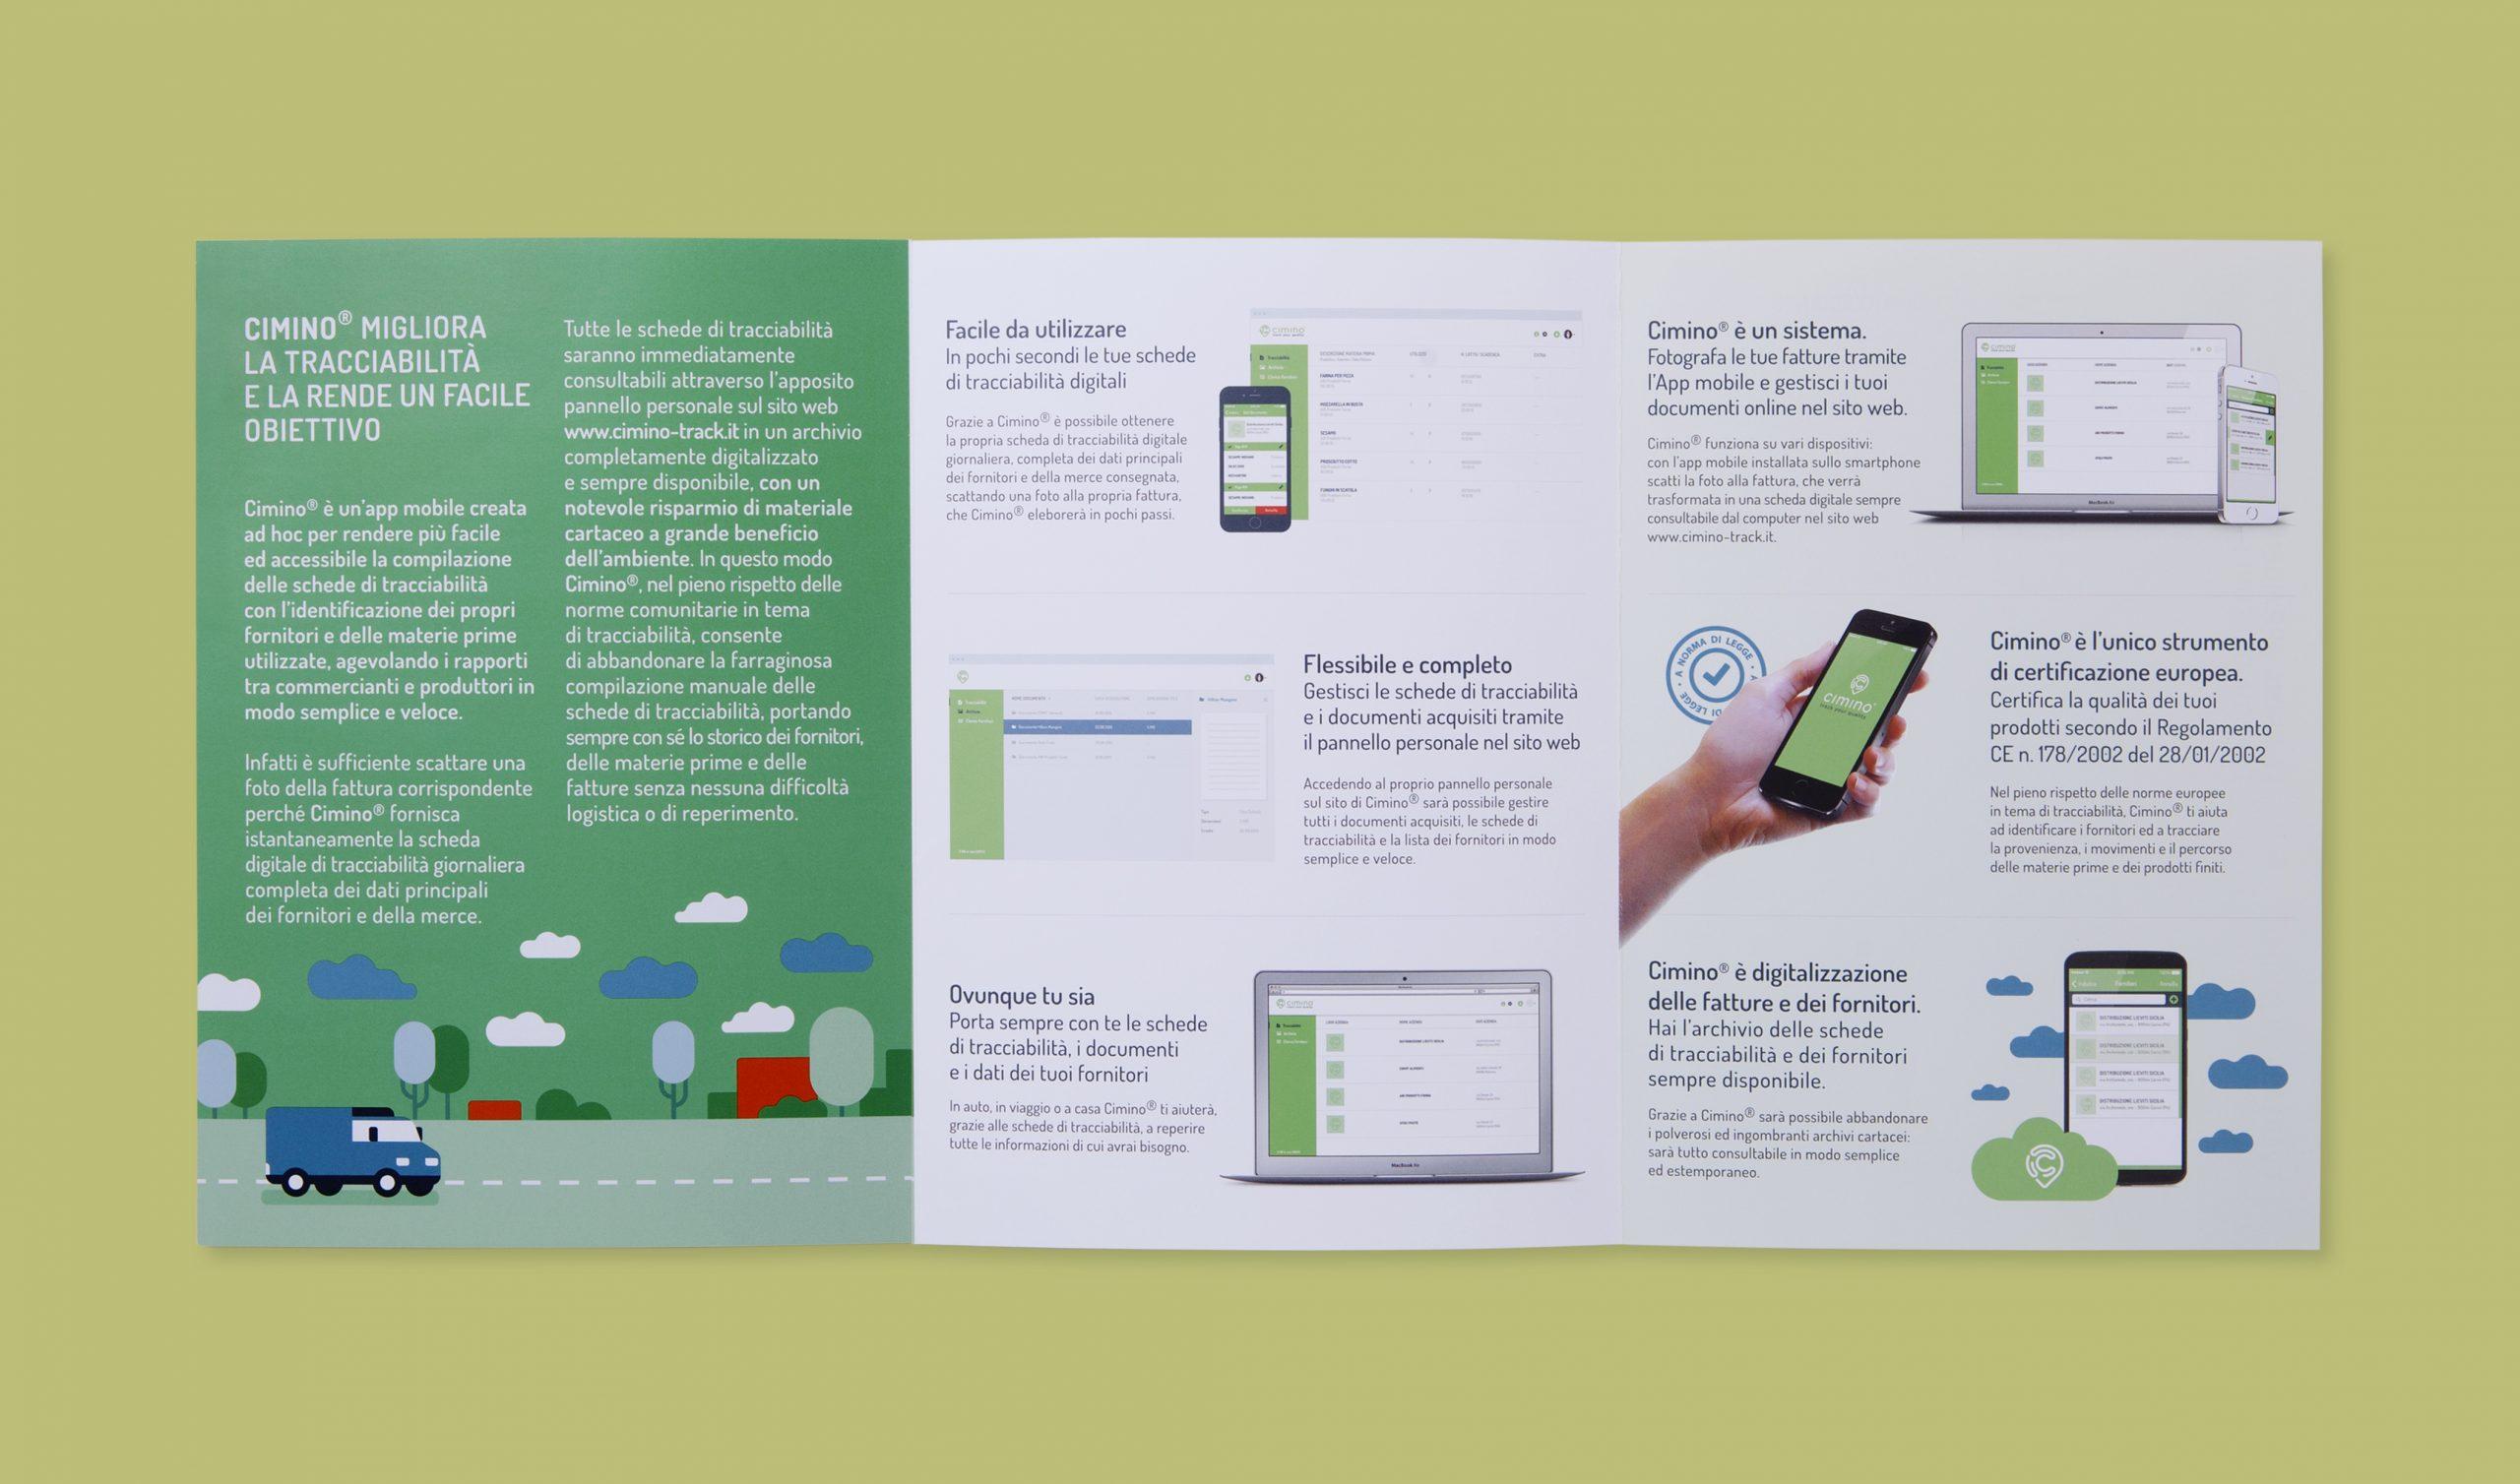 Cimino interfaccia app mobile - Pieghevole interno